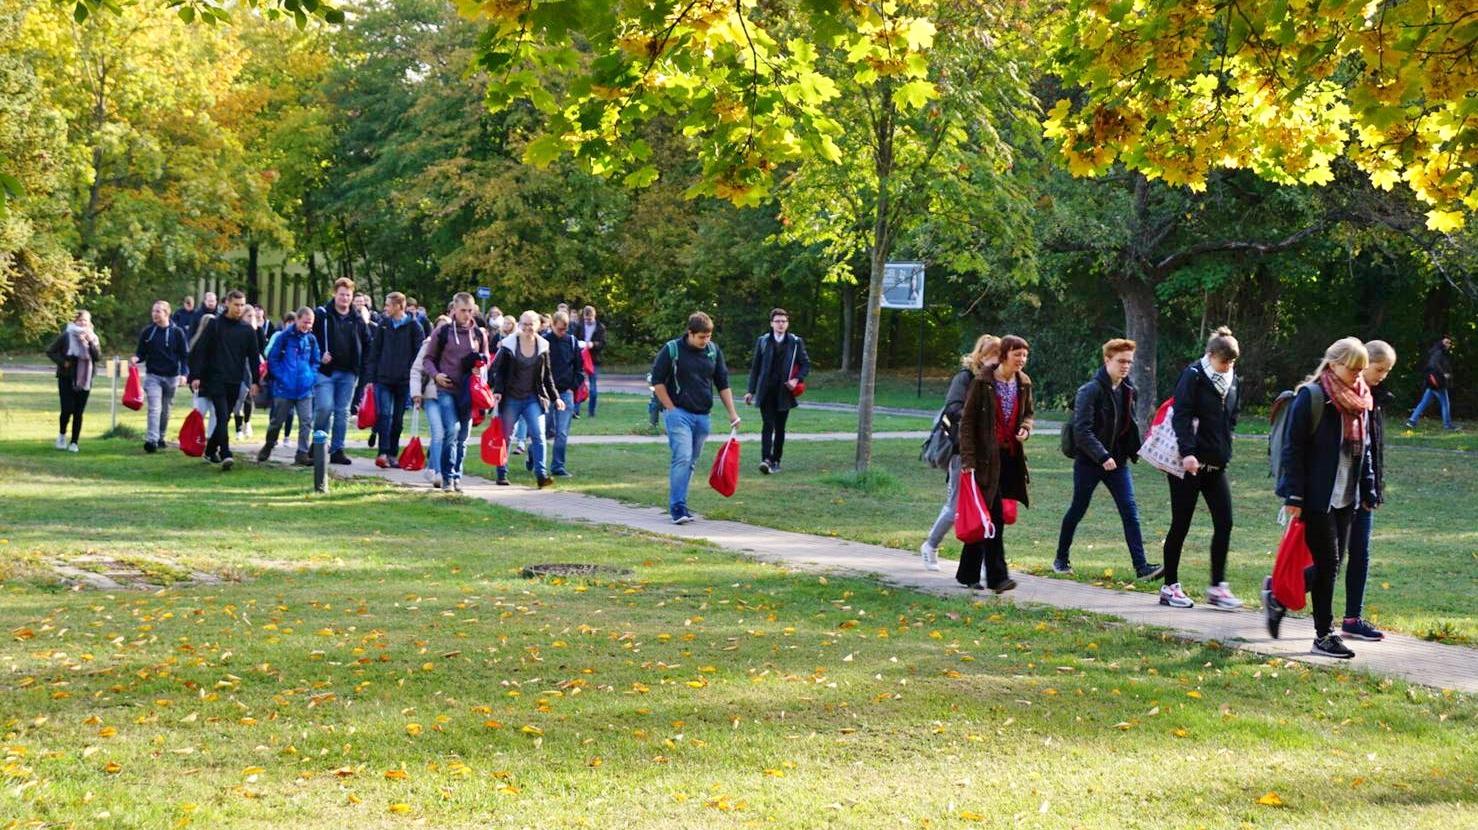 Zuwachs bei den Studienanfängerinnen und Studienanfängern an der Hochschule Anhalt